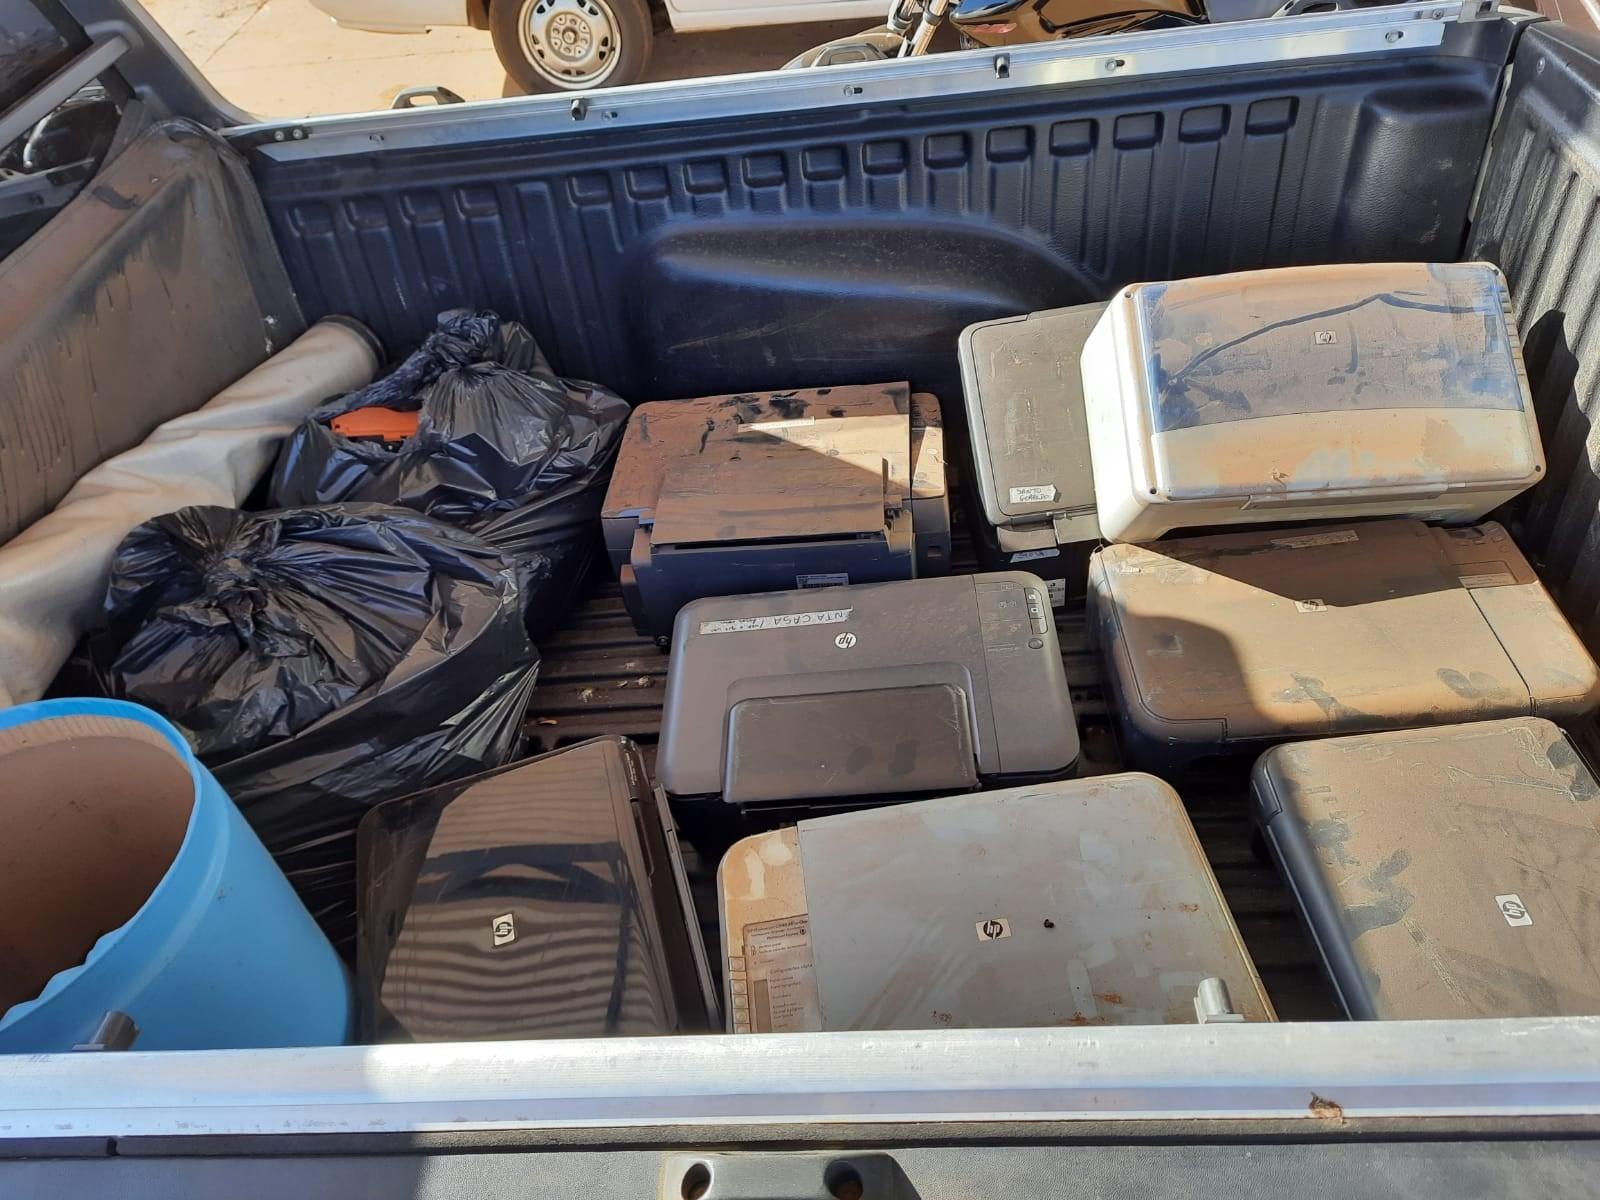 Cajobi e outras cidades da região recolhem mais de 1 tonelada de lixo eletrônico